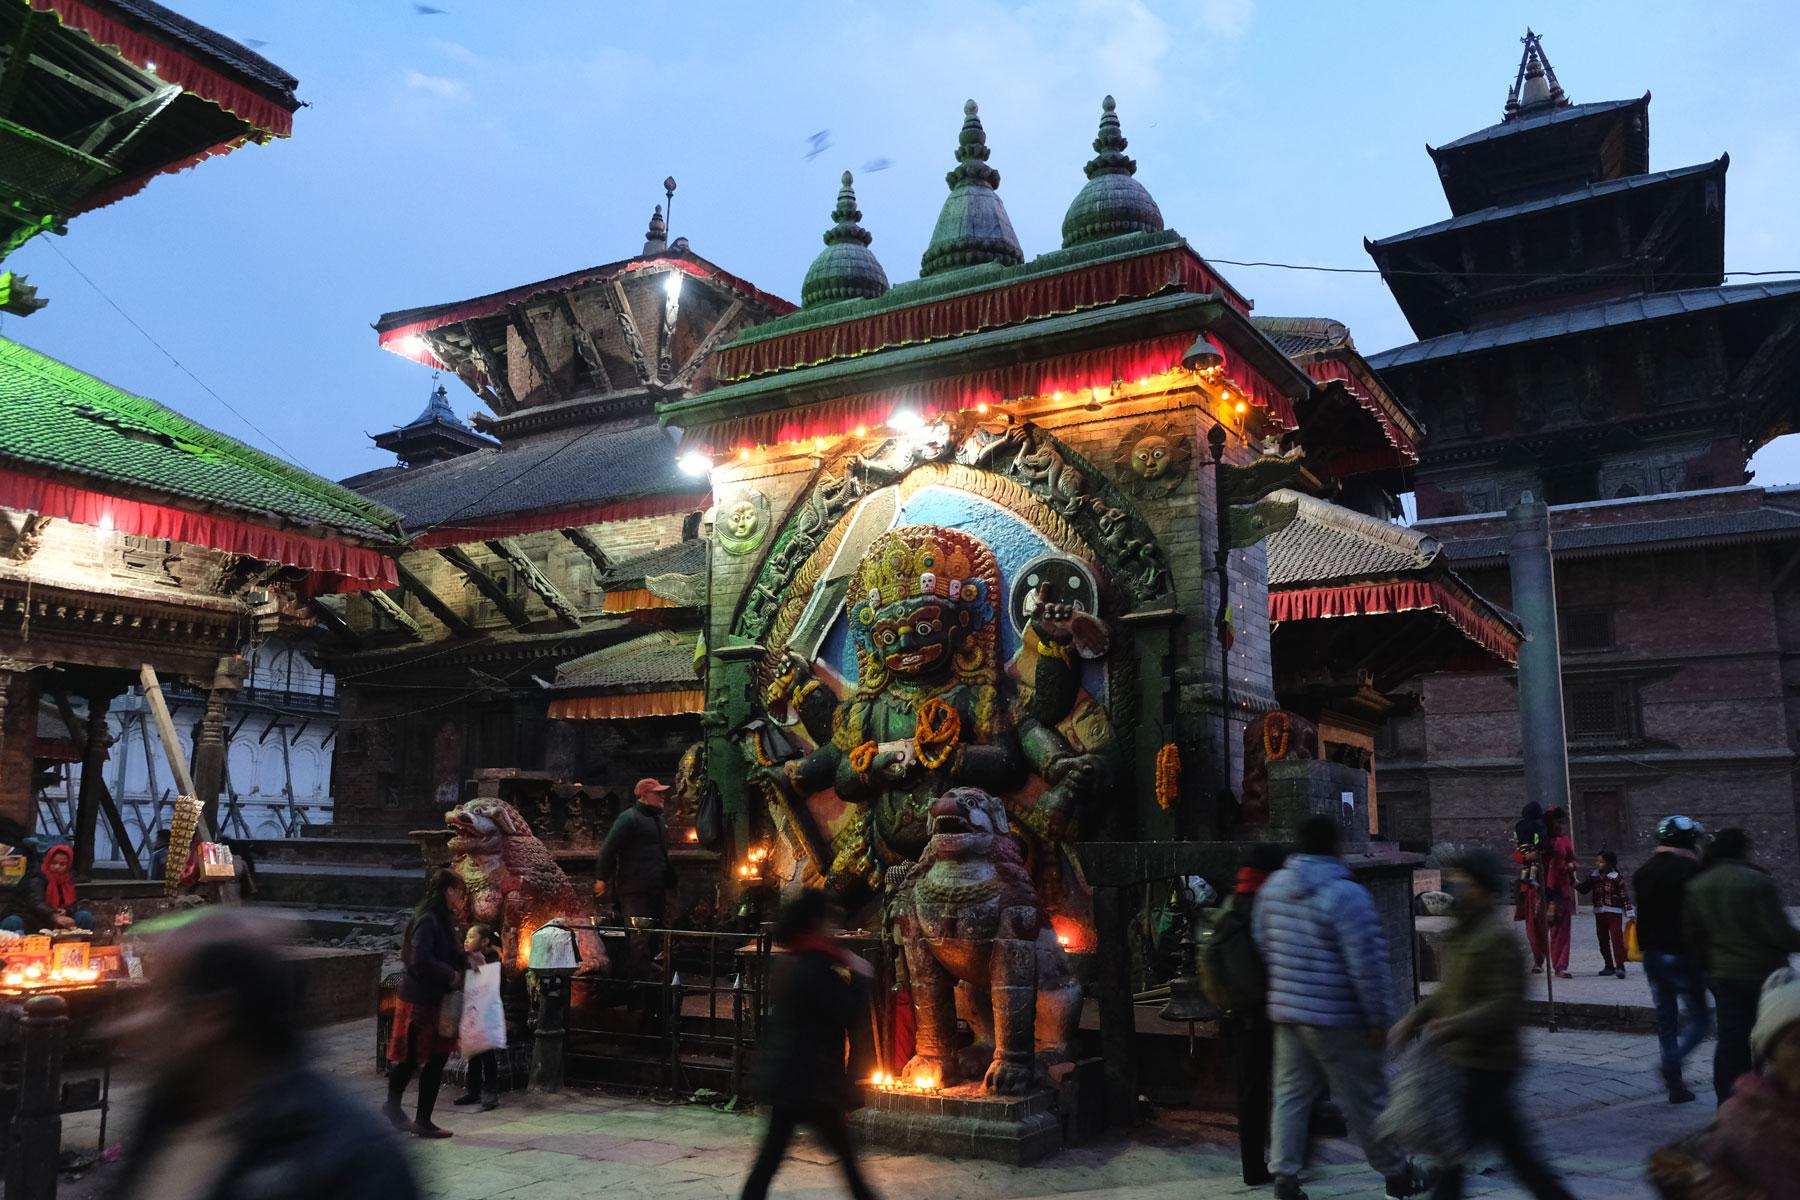 Darstellung eines Gottes an einem Tempel am Durbar Square in Katmandu.